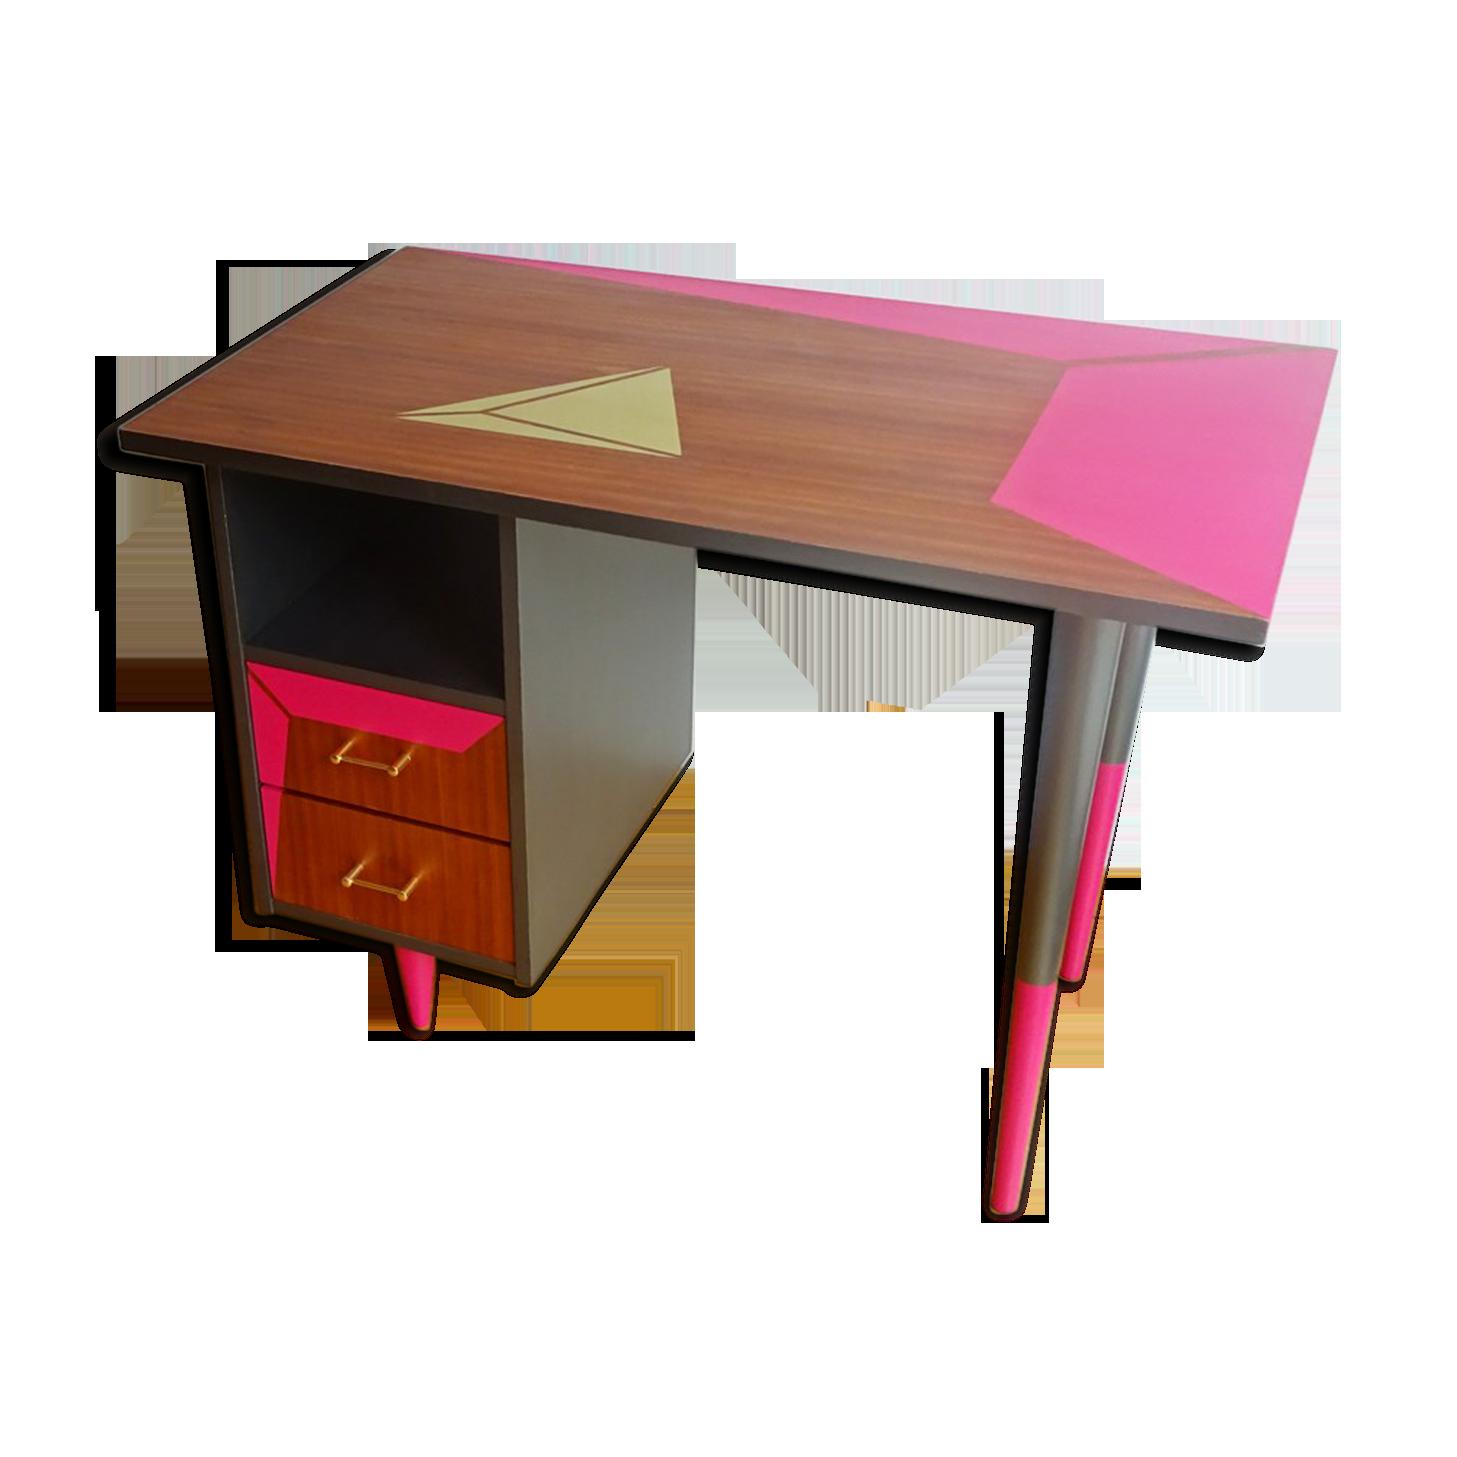 Bureau en bois teck relooké bois matériau bois couleur